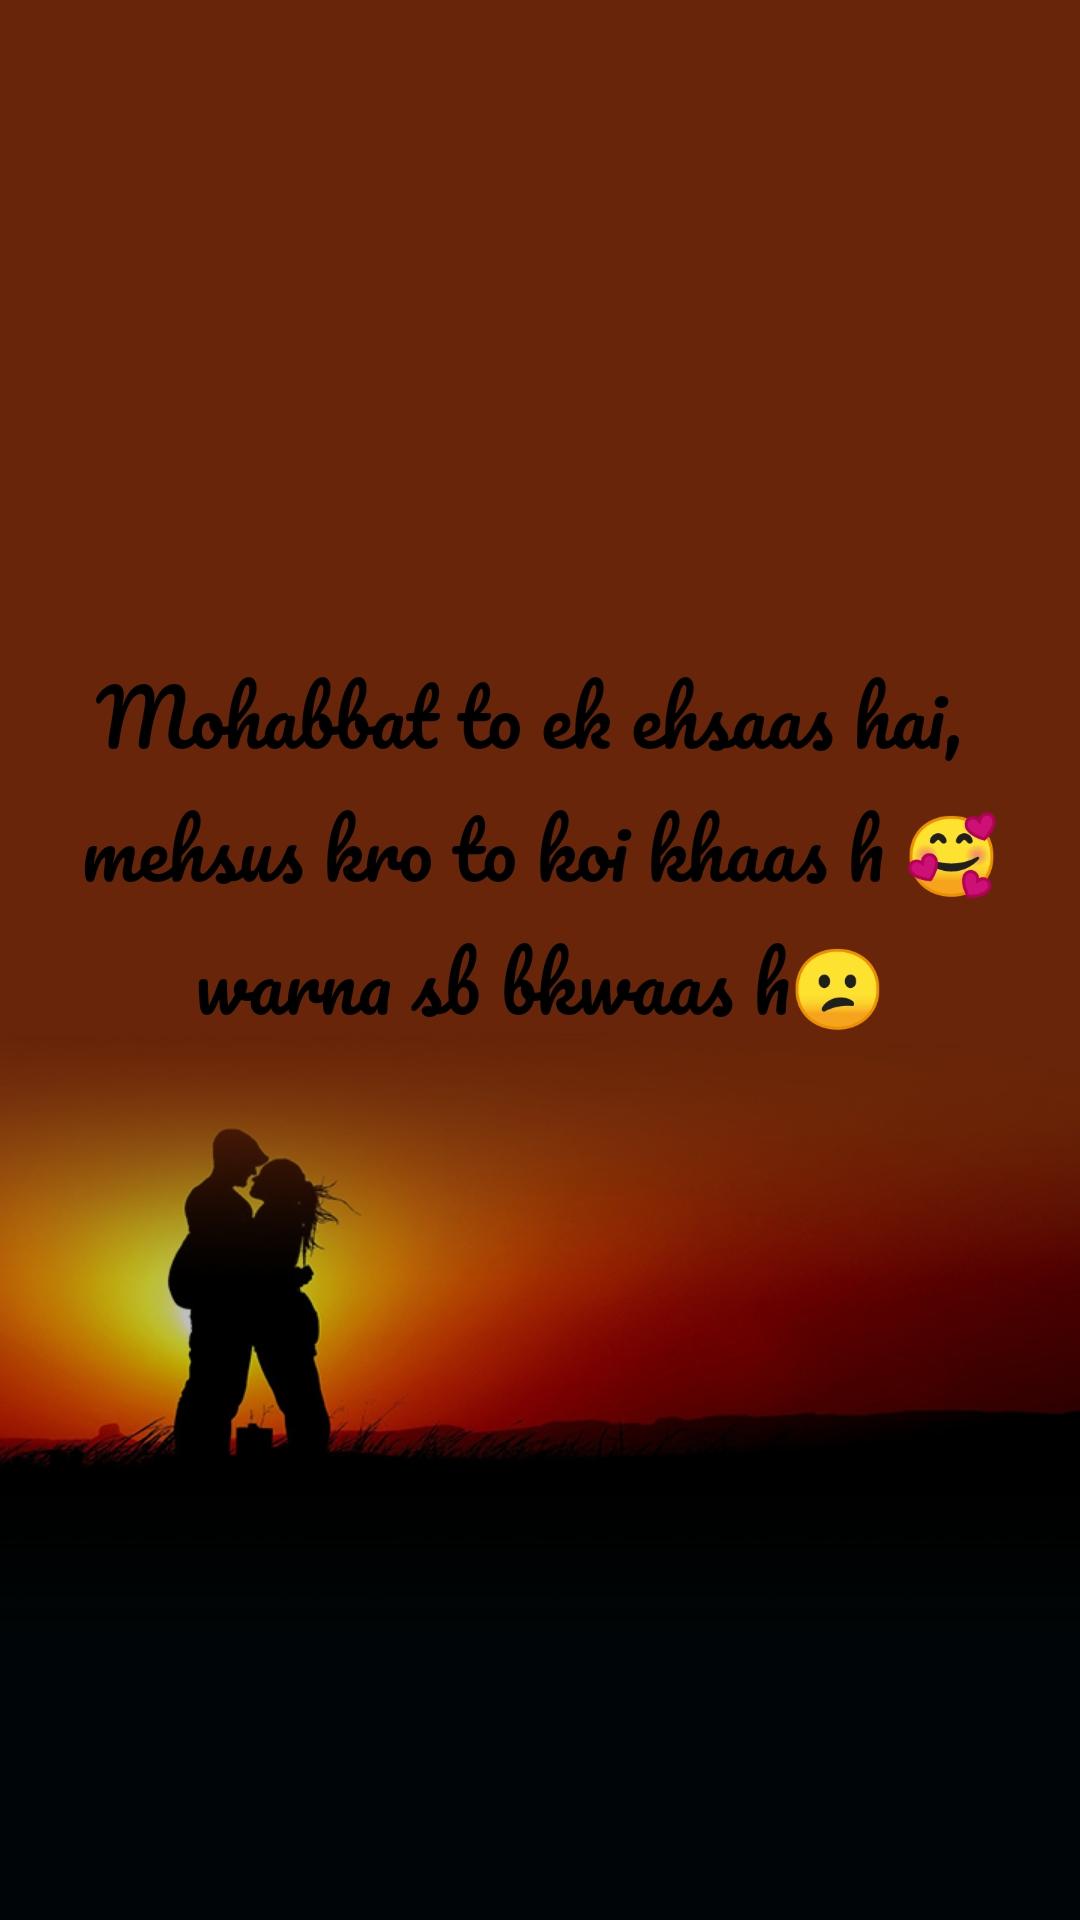 Mohabbat to ek ehsaas hai,  mehsus kro to koi khaas h 🥰 warna sb bkwaas h😕